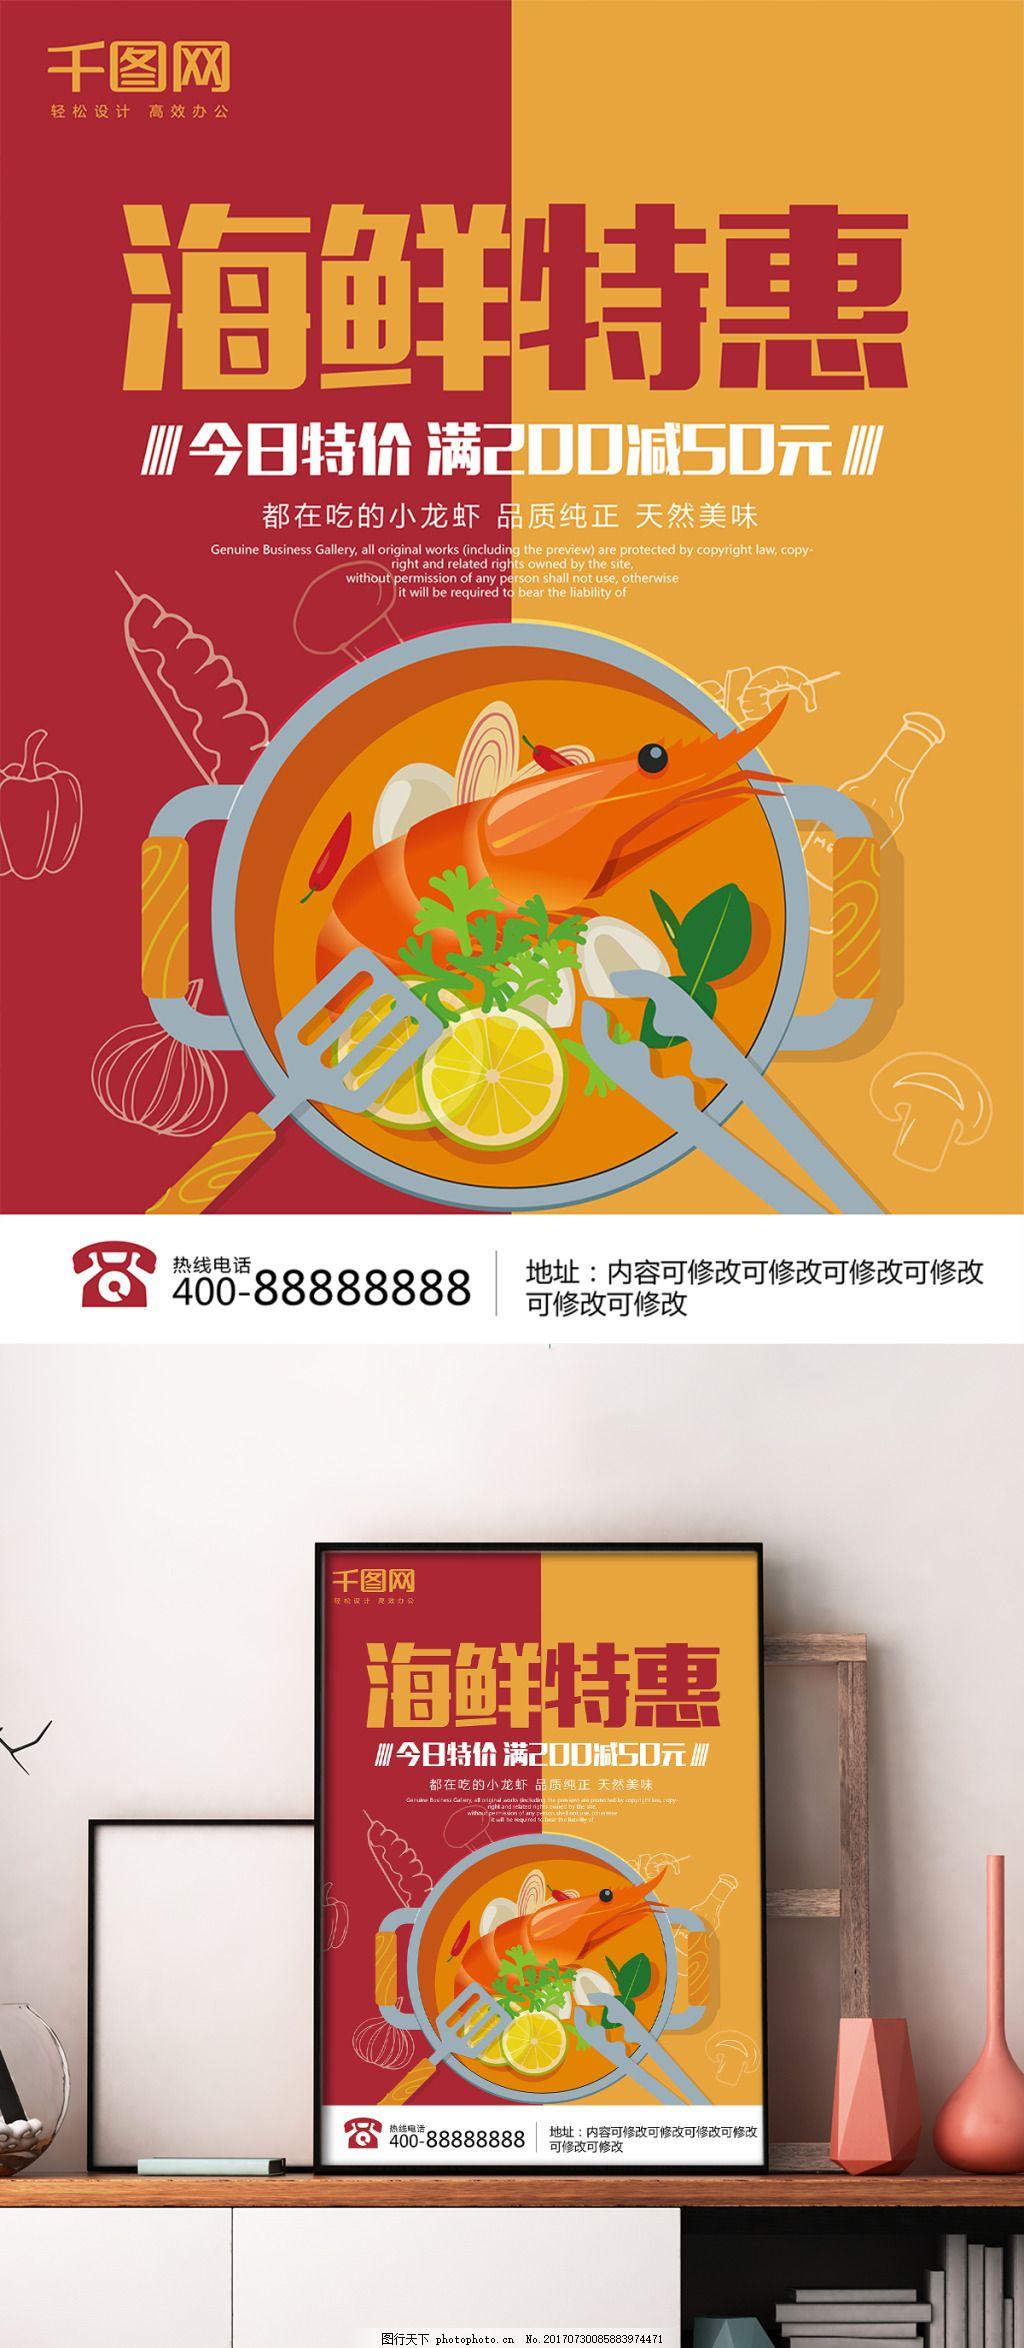 创意矢量海鲜美食海报 吃海鲜 海鲜海报 海鲜宣传单 海鲜广告 海鲜素材